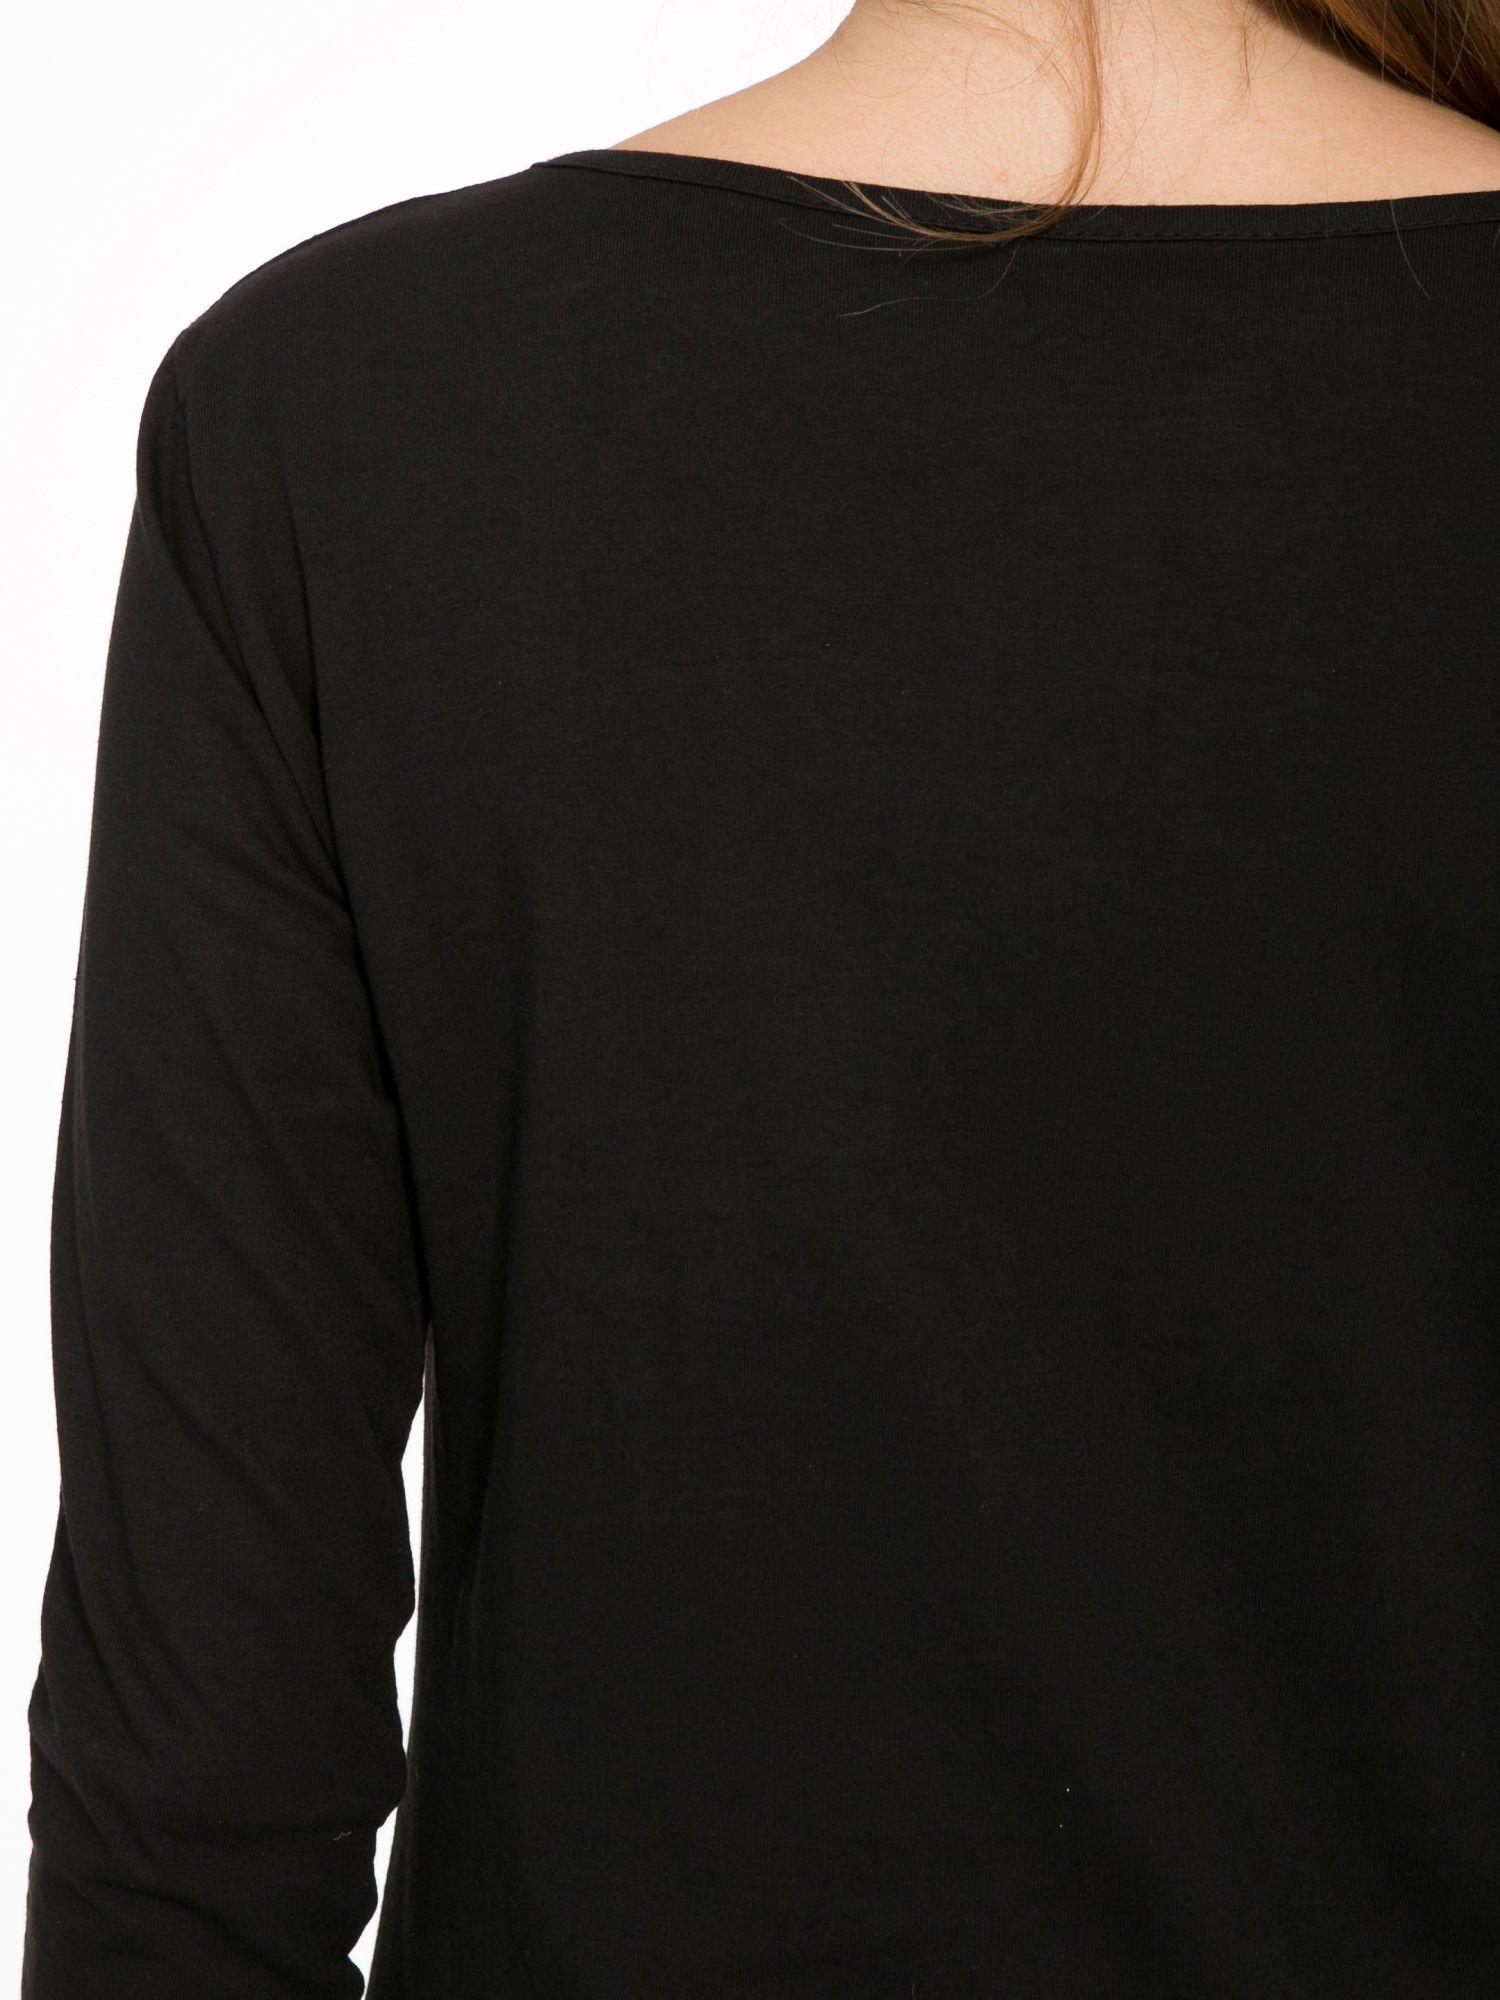 Czarna bluzka z napisem CRAZY i nadrukiem fashionistek                                  zdj.                                  6